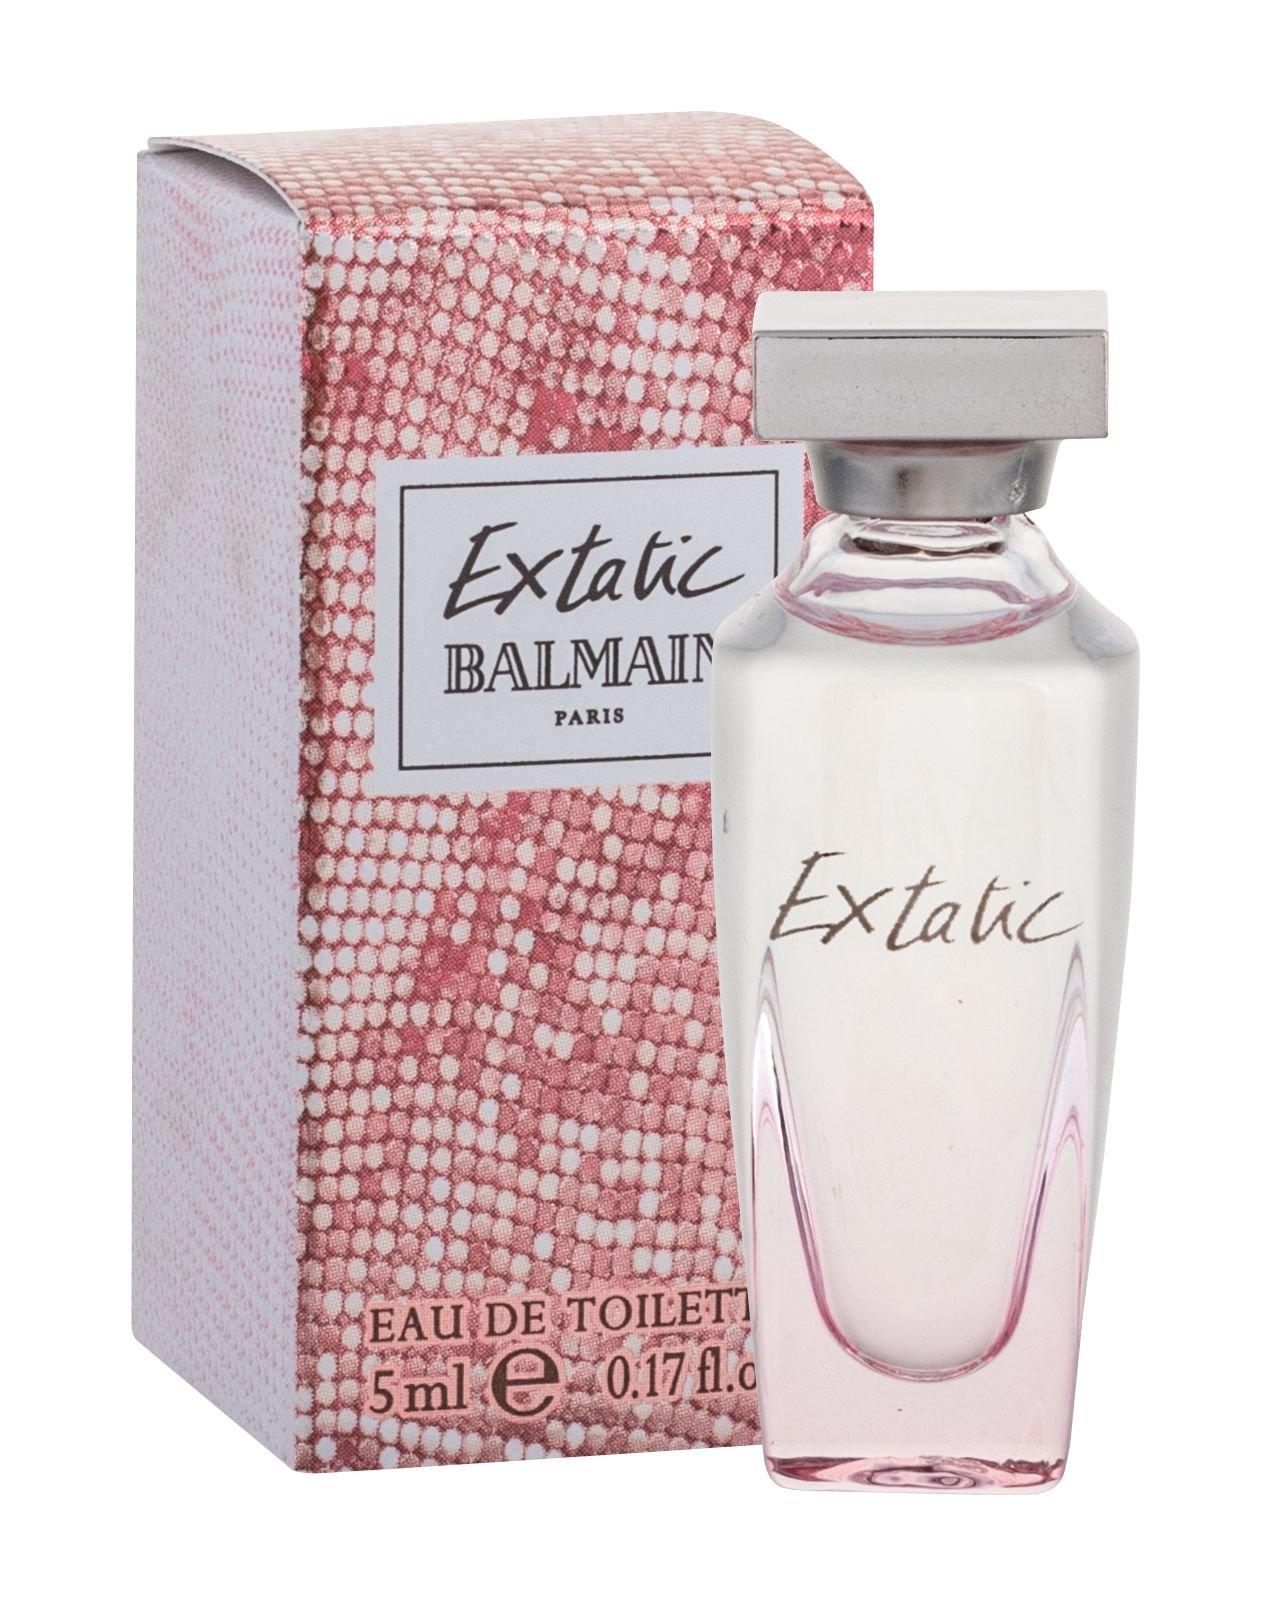 Balmain Extatic EDT 5ml